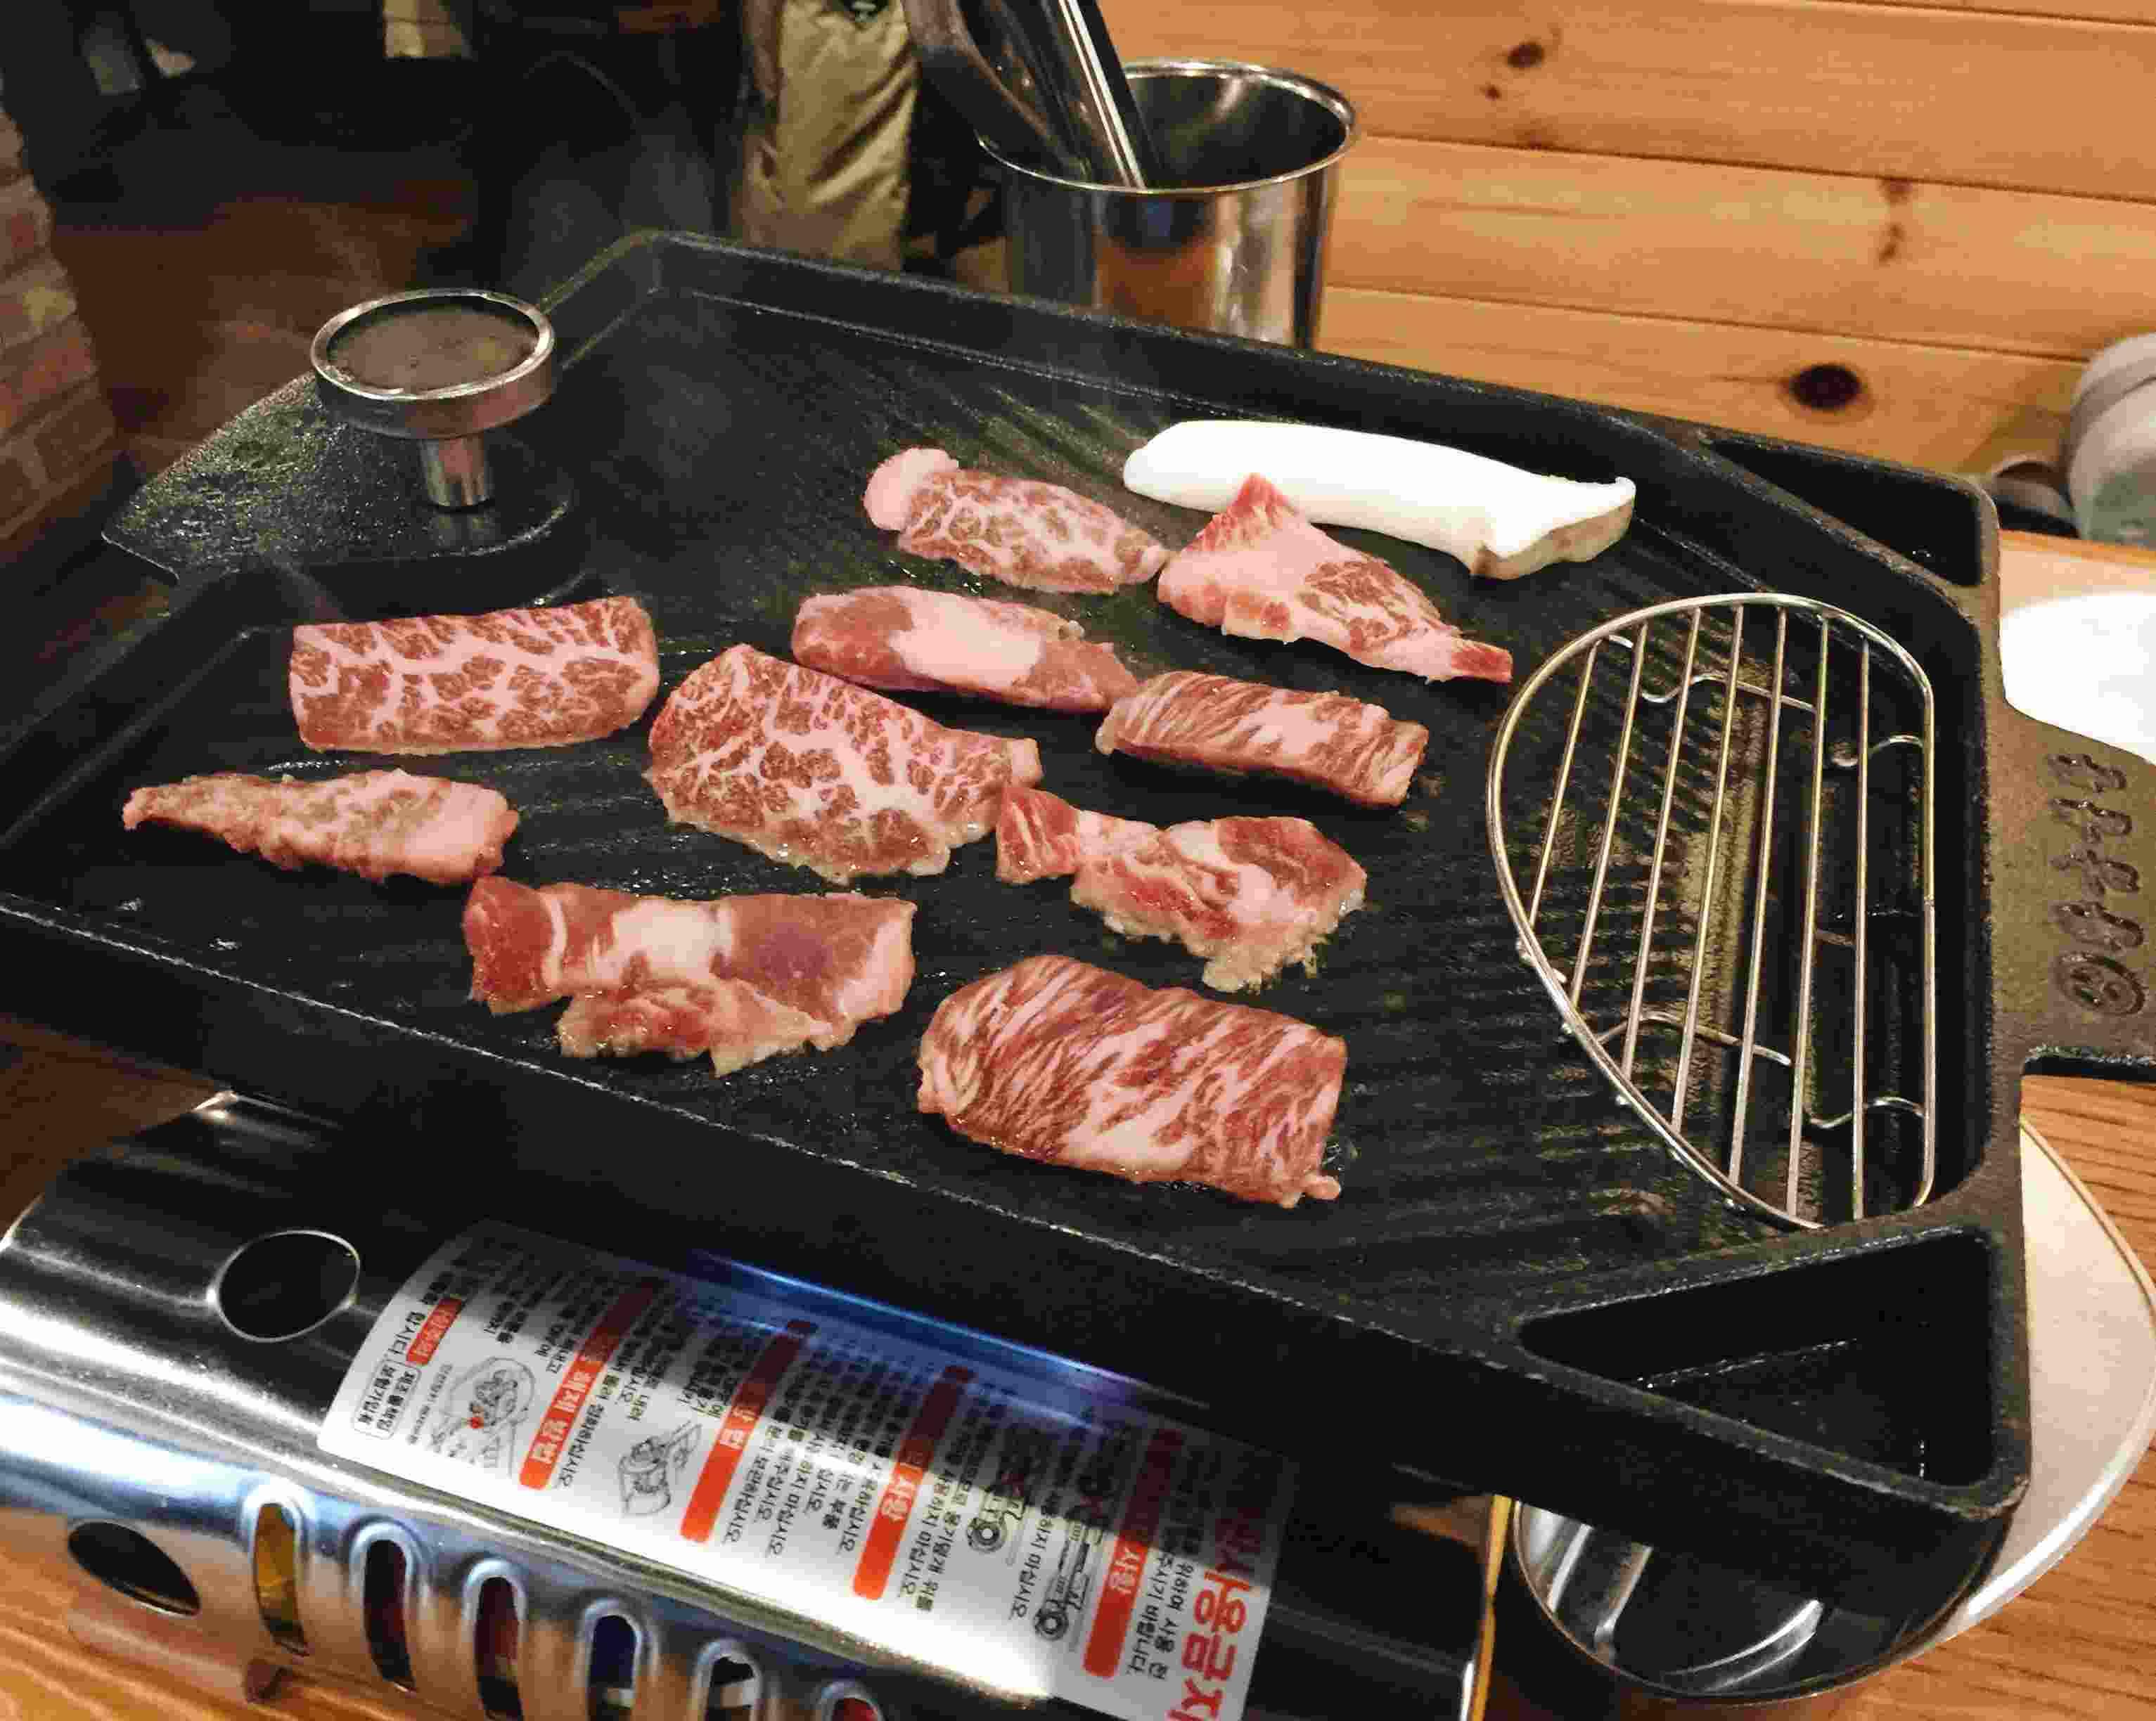 肉盤上了之後是由服務生來烤,這點真的很得小編的歡心,服務生會負責把肉排得很好烤得軟硬適中,客人只需要在旁邊猛拍照就可以了,超sweet